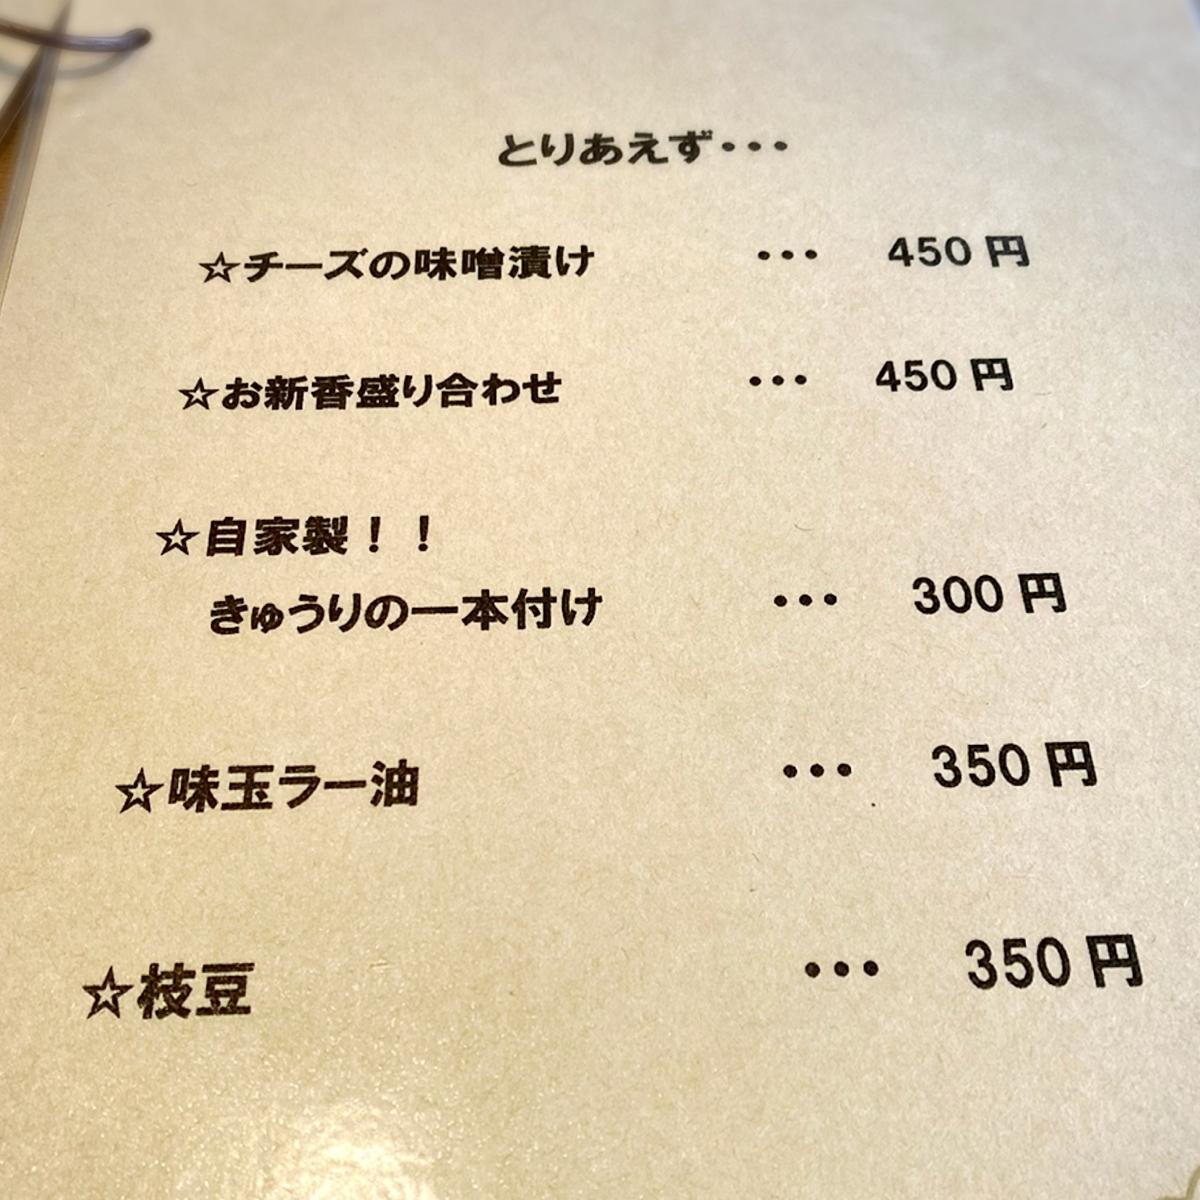 「御菜屋 紅青椒(パプリカ)」のメニューと値段3